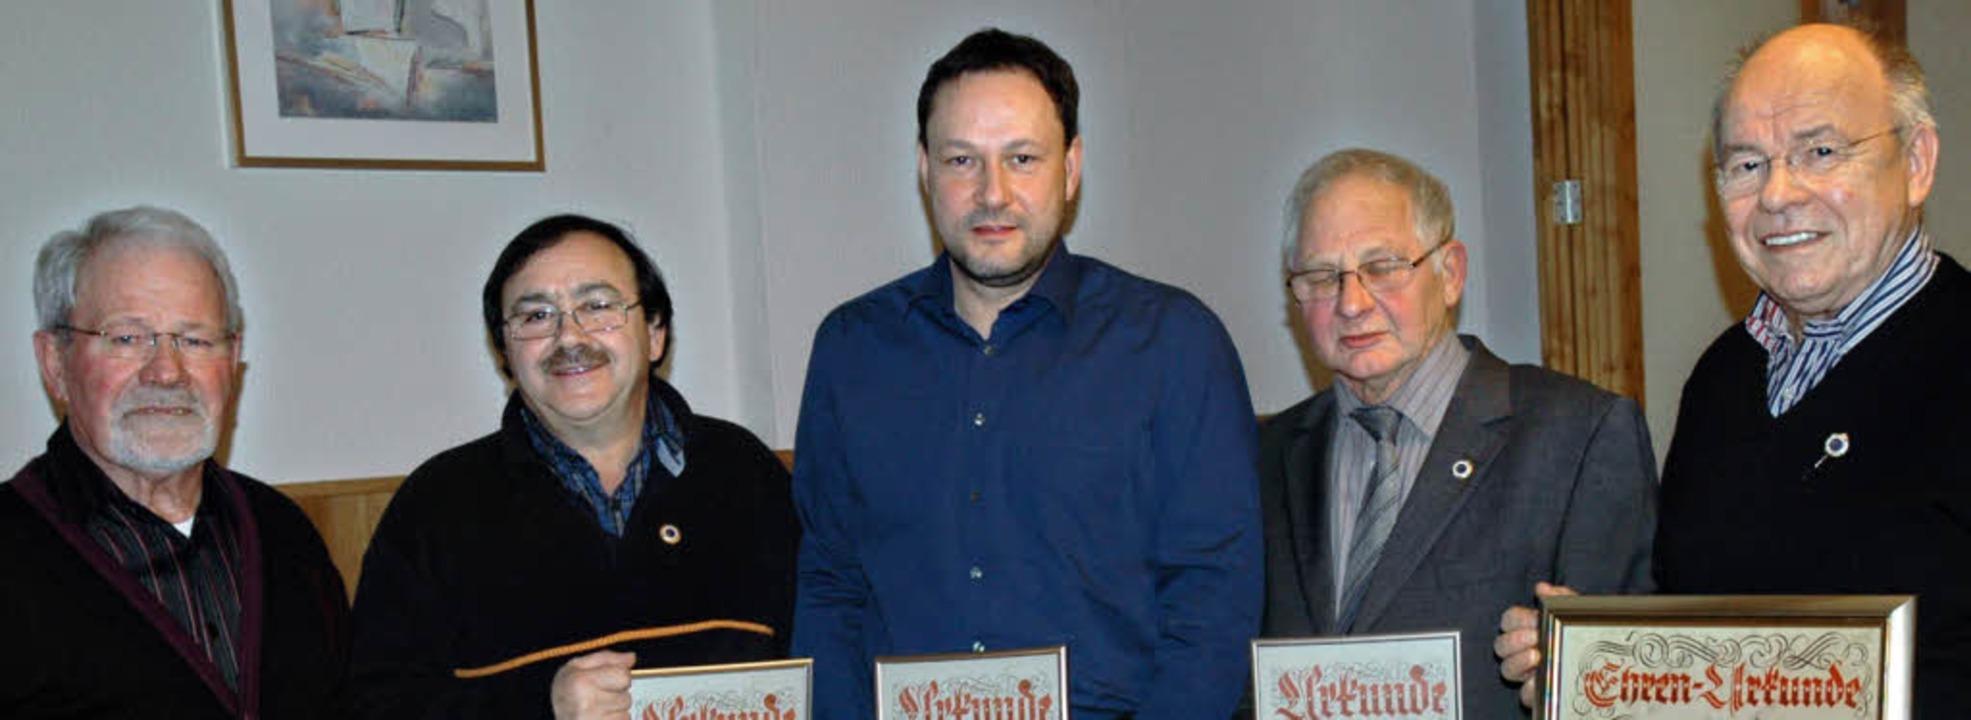 Für langjährige Mitgliedschaft beim Sp... dem neuen Ehrenmitglied Willi Brotz.   | Foto: Brigitte  Chymo